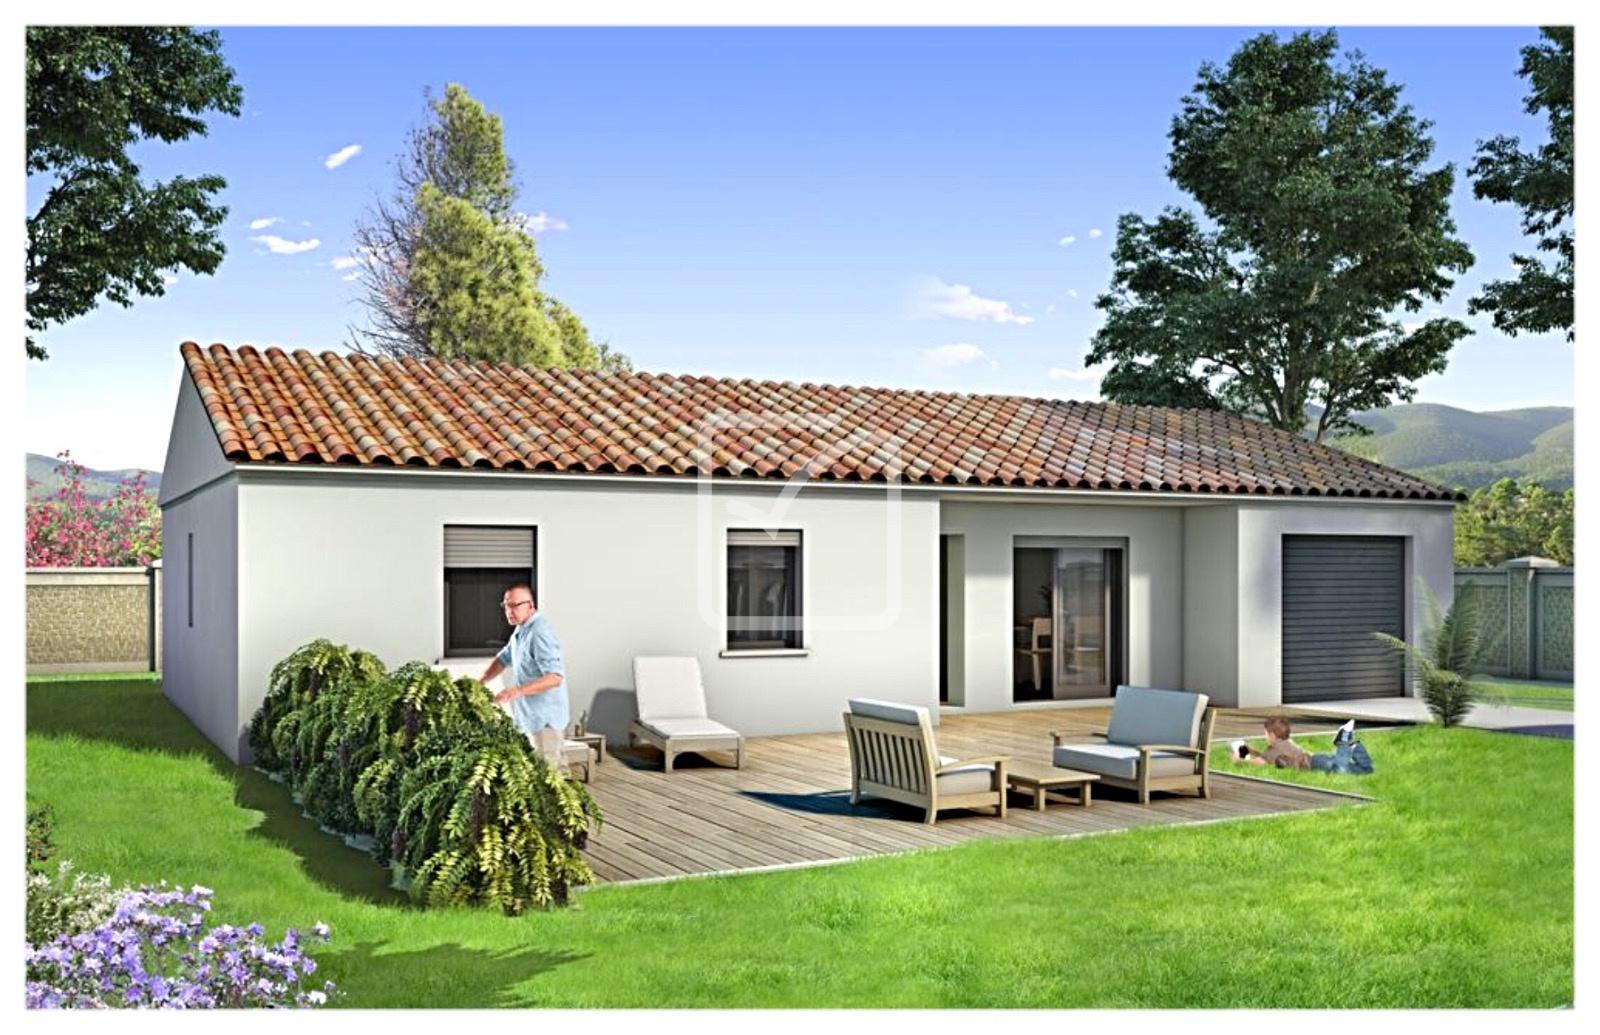 Annonce vente maison marcillac saint quentin 24200 120 for Maison de l emploi saint quentin